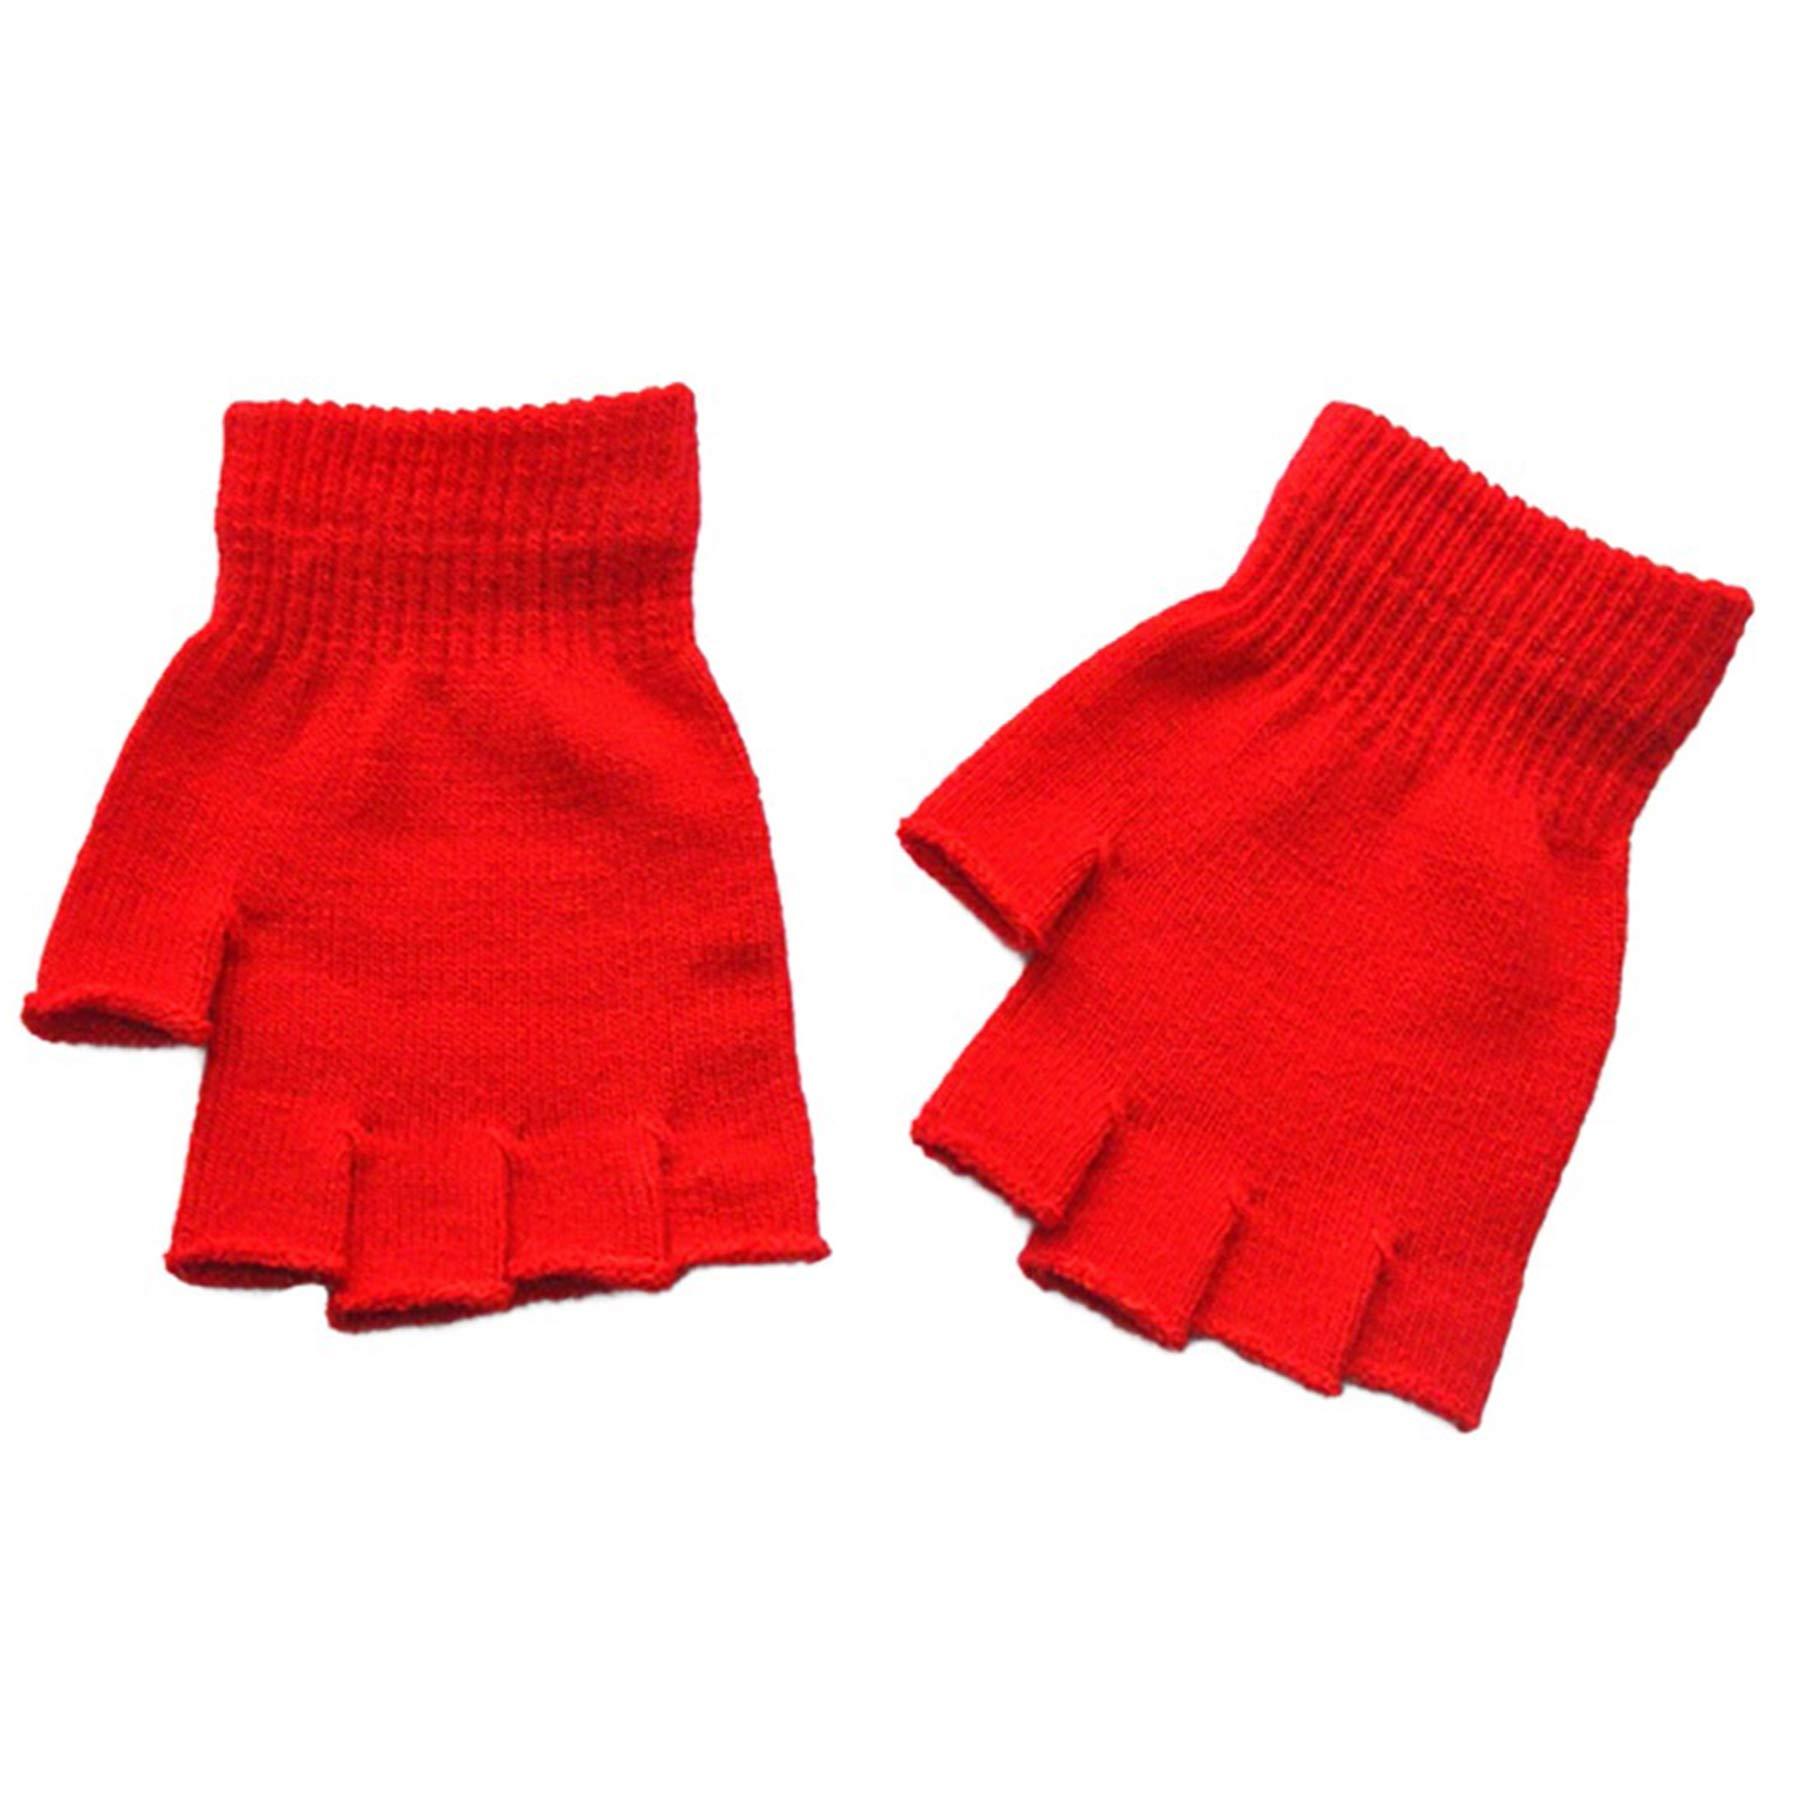 Men Women Hand Crochet Winter Warm Fingerless Arm Warmers Gloves Unisex Fingerless Gloves Stretchy Knitted Gloves